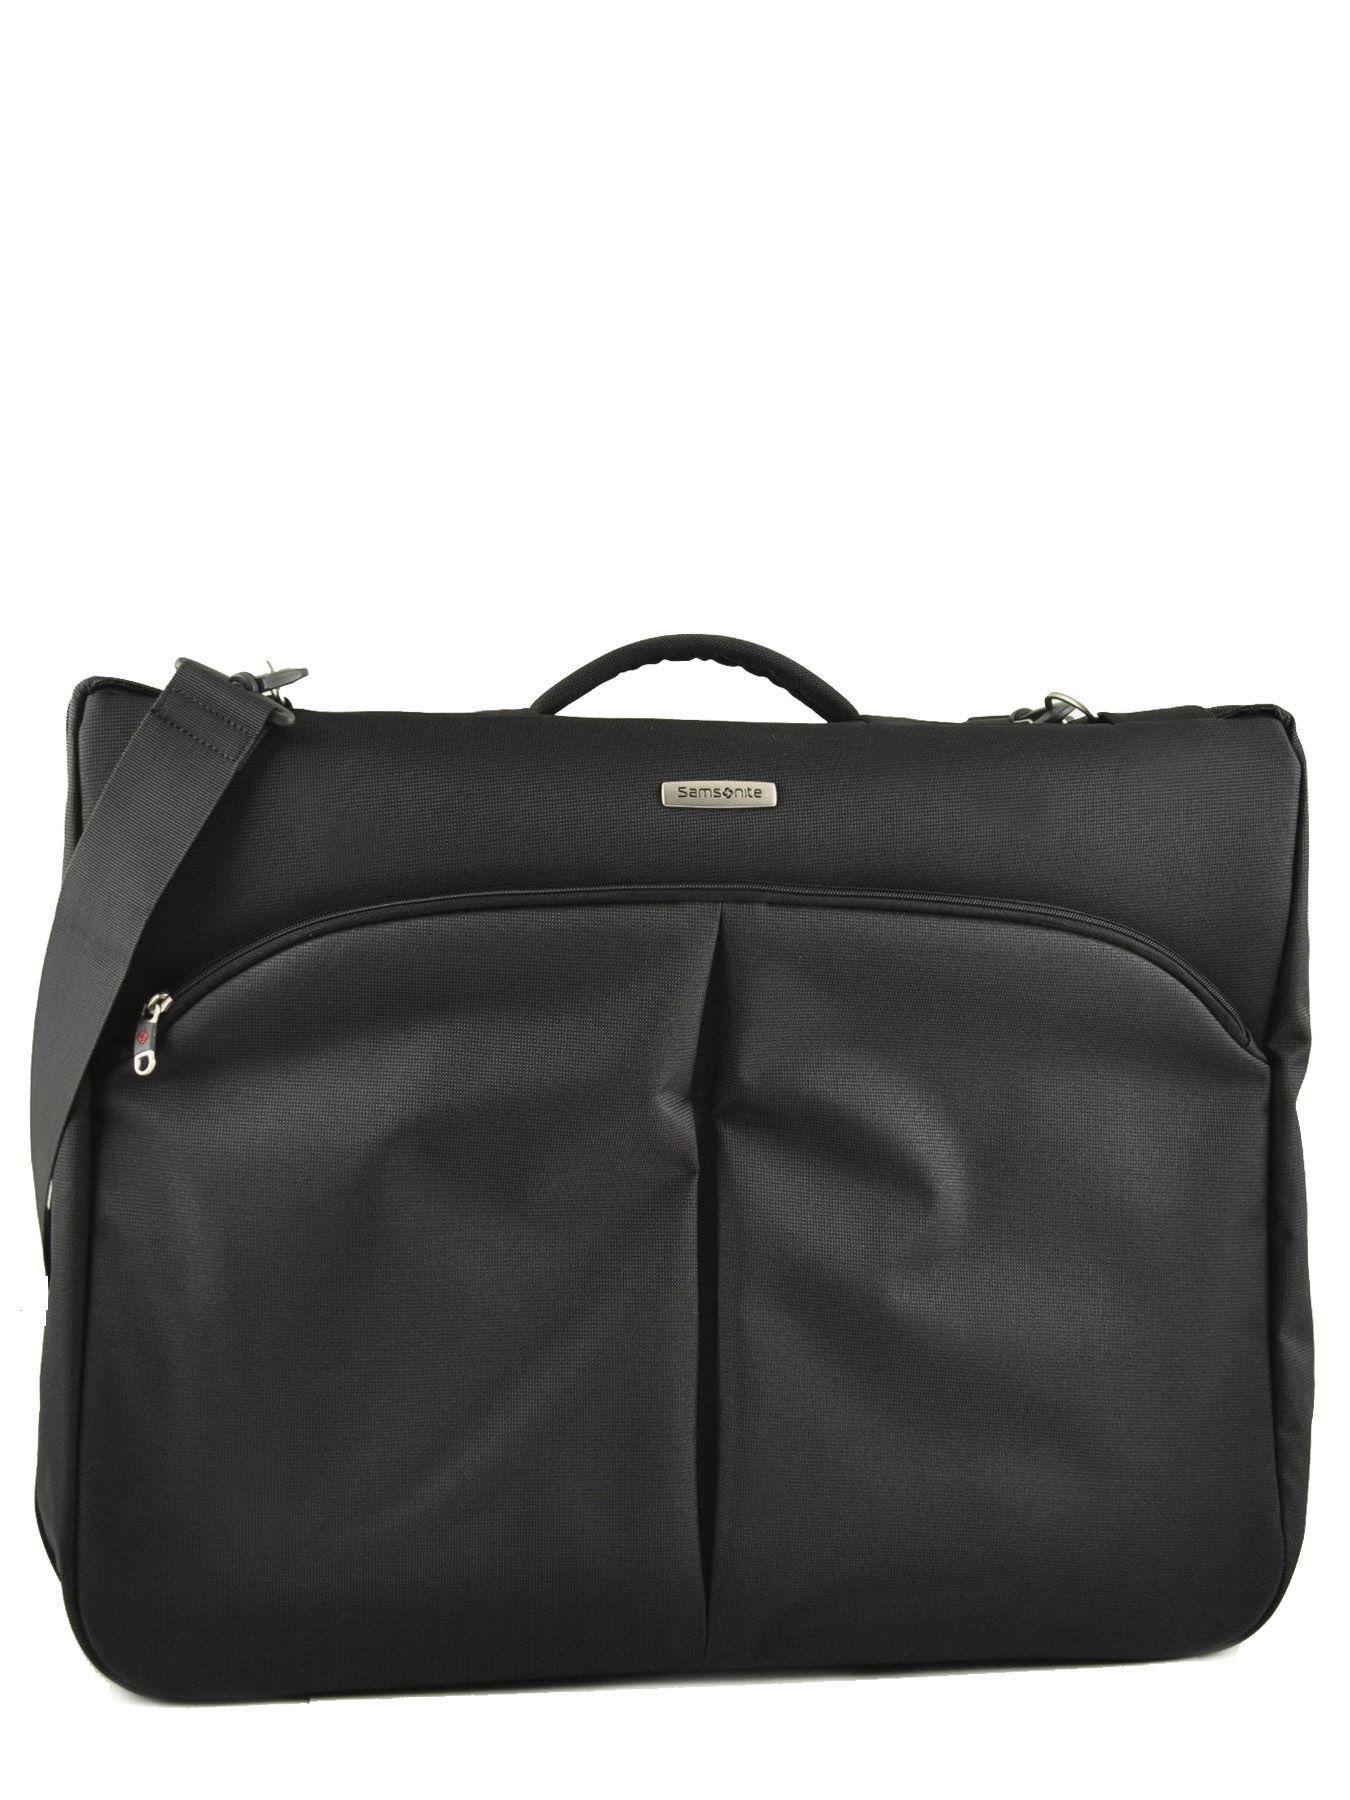 Porte habits samsonite noir cordoba duo v93010 for Porte habits